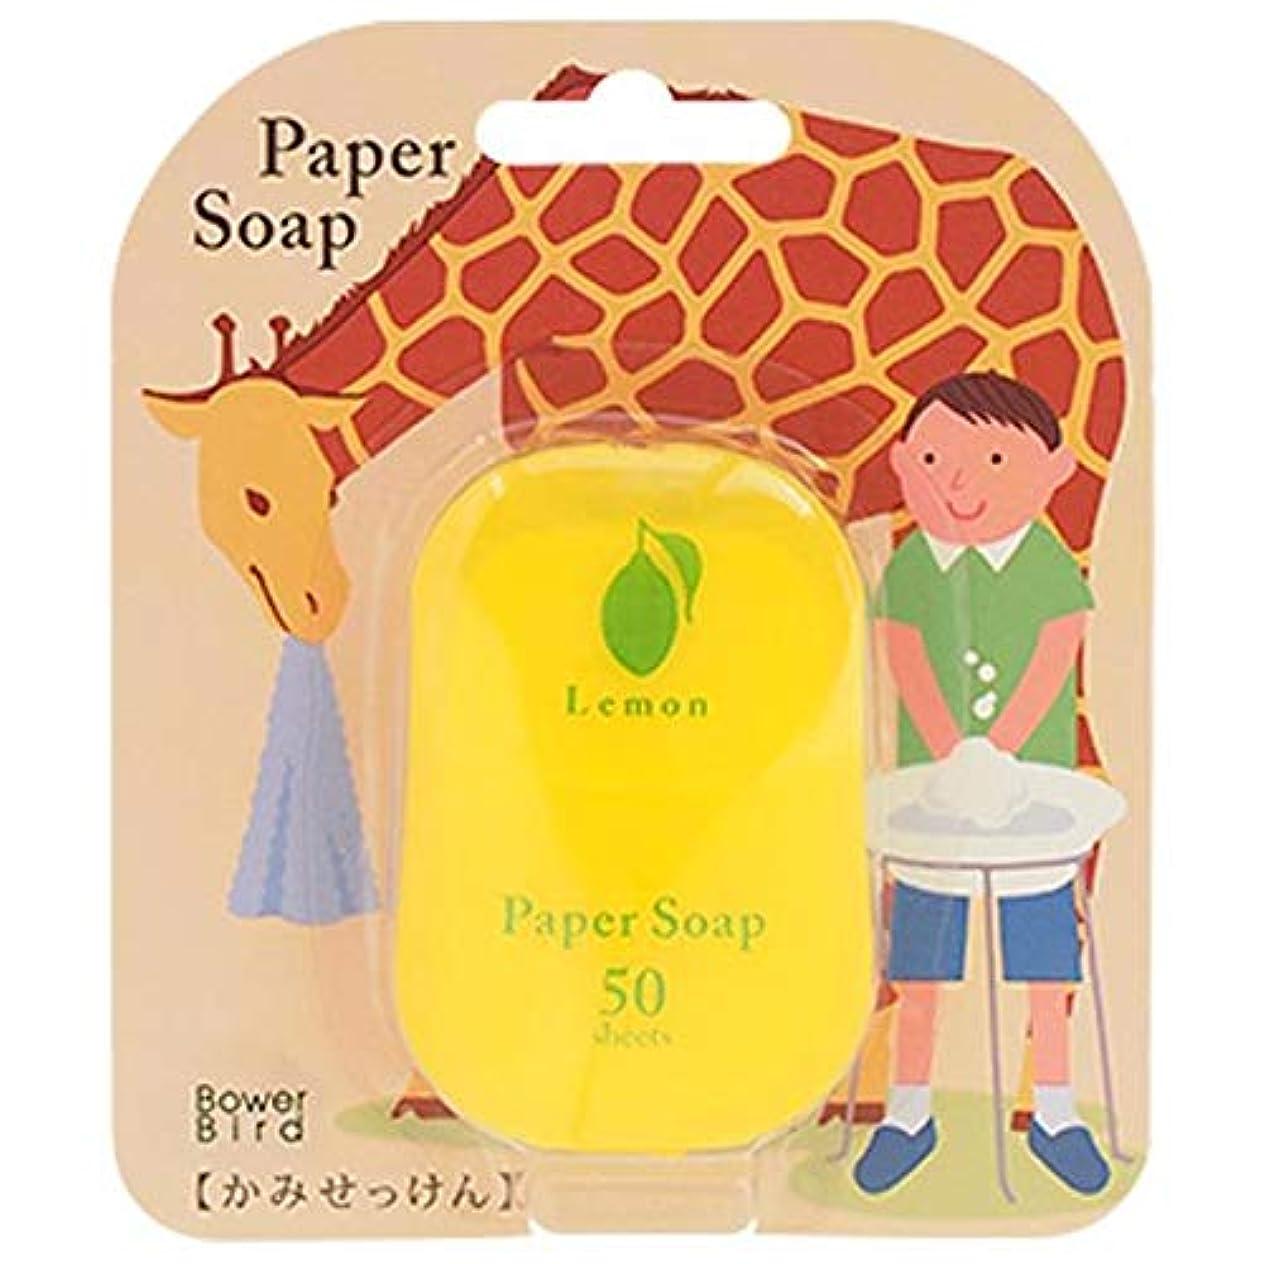 できれば保護余分なペーパーソープ レモンの香り